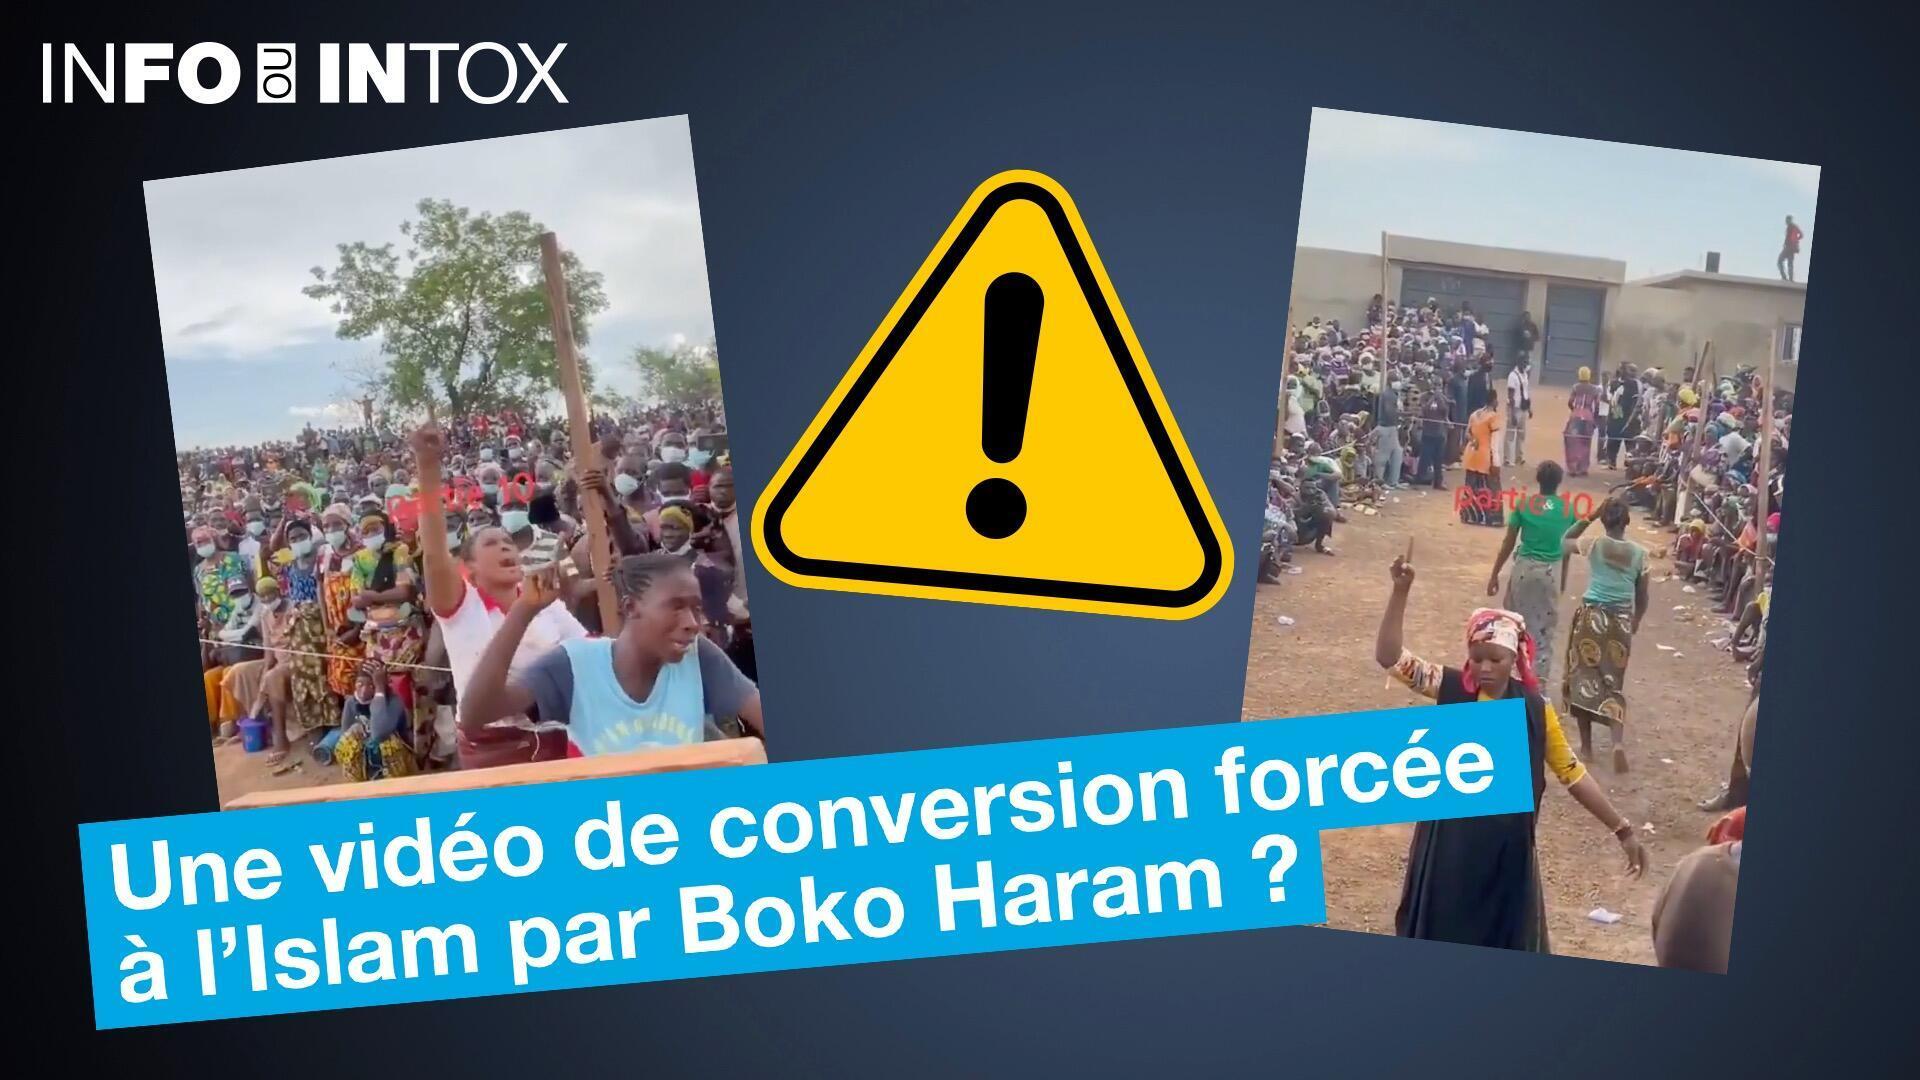 Une vidéo de conversion forcée à l'islam par Boko Haram ?